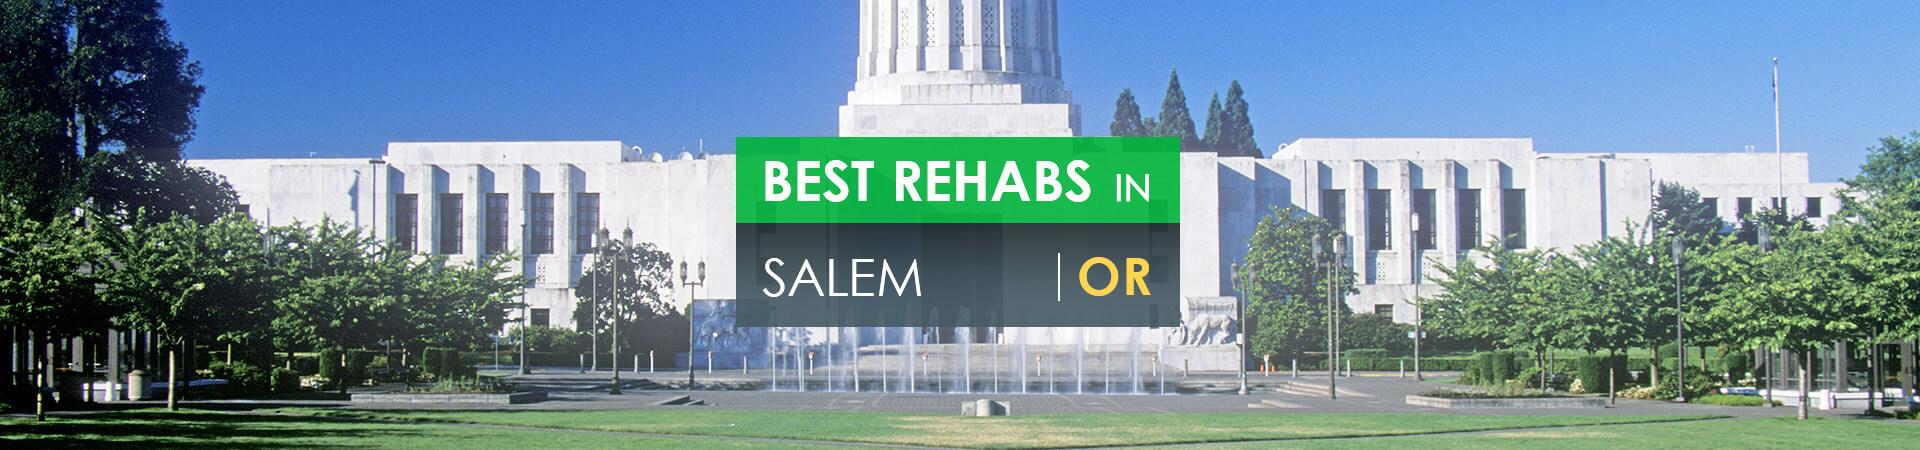 Best rehabs in Salem, OR